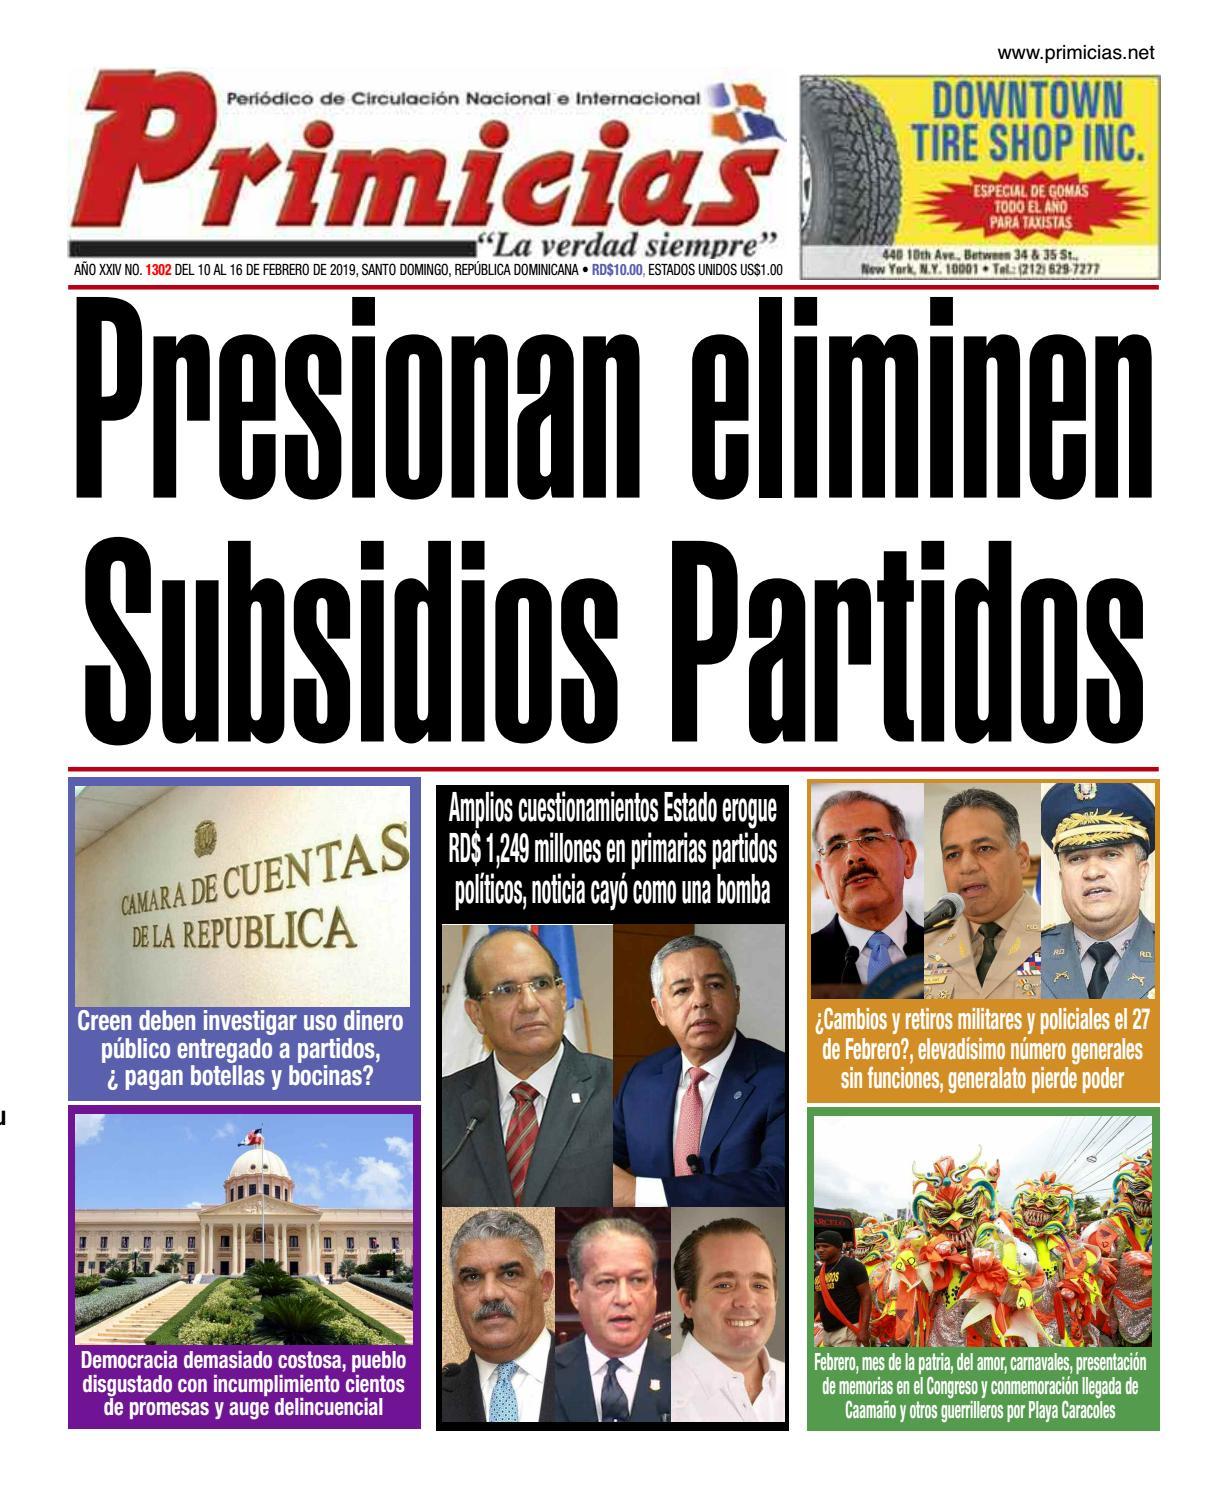 Portada Periódico Primicias, Lunes 11 de Febrero 2019